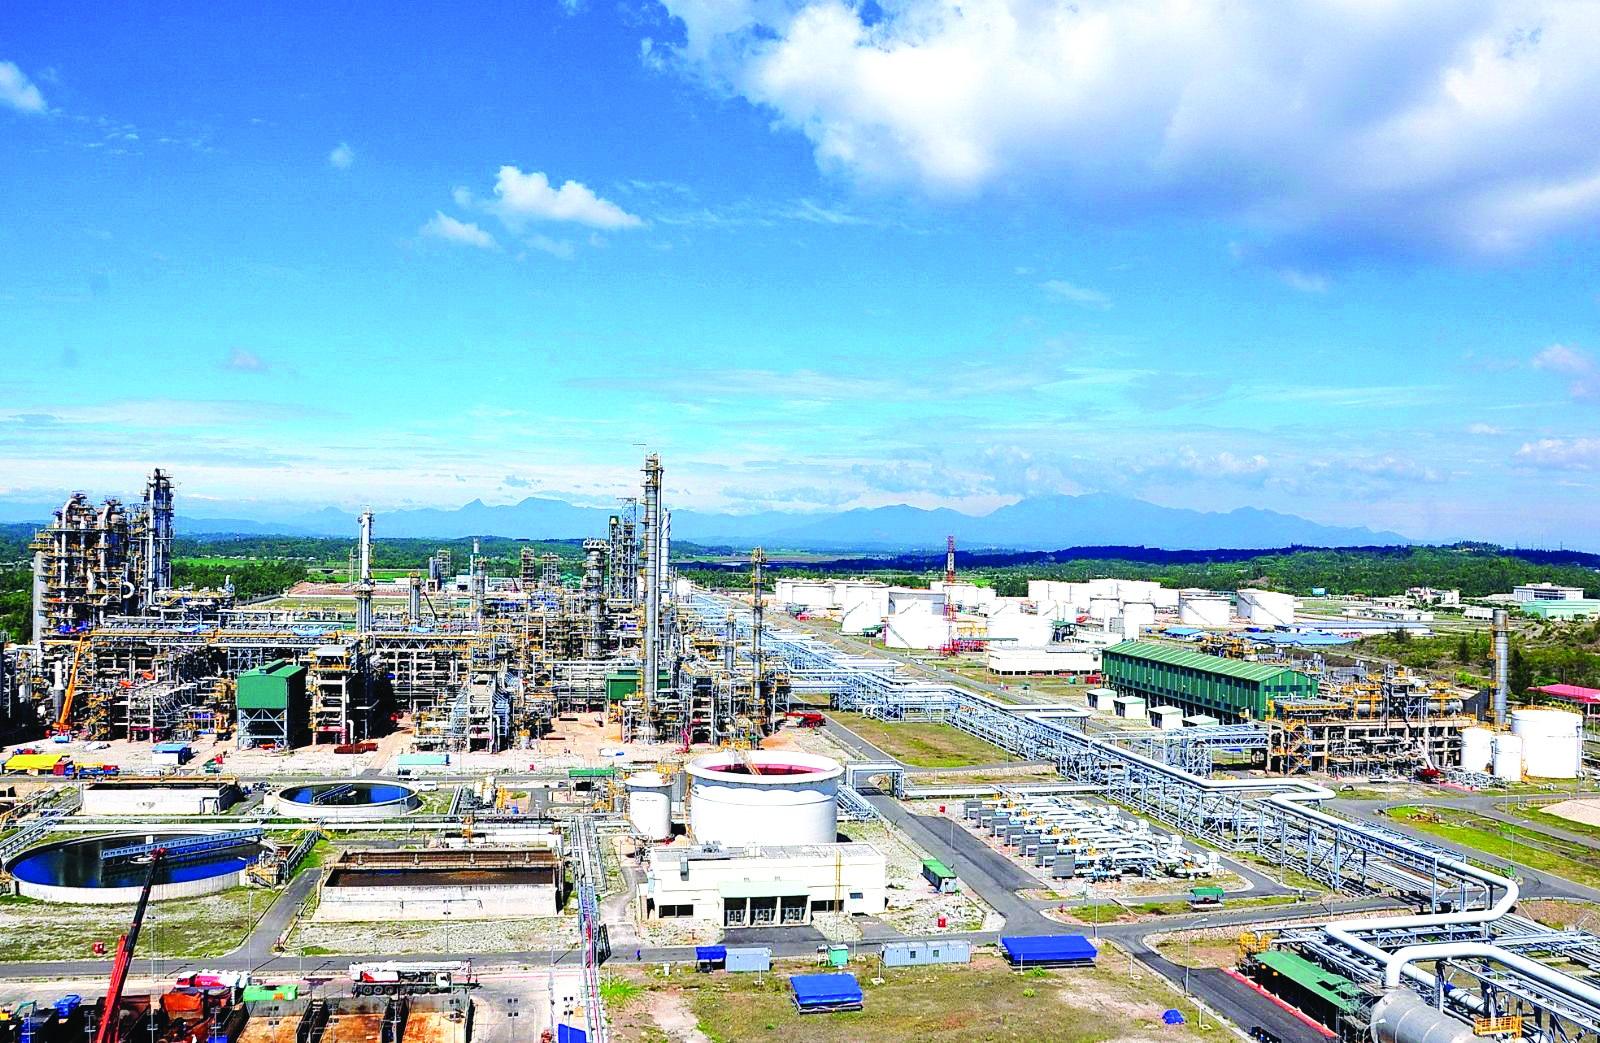 Khi phương án sửa đổi được Thủ tướng Chính phủ ký ban hành thì Công ty Bình Sơn được tự quyết định giá bán sản phẩm để cạnh tranh được với sản phẩm nhập khẩu.